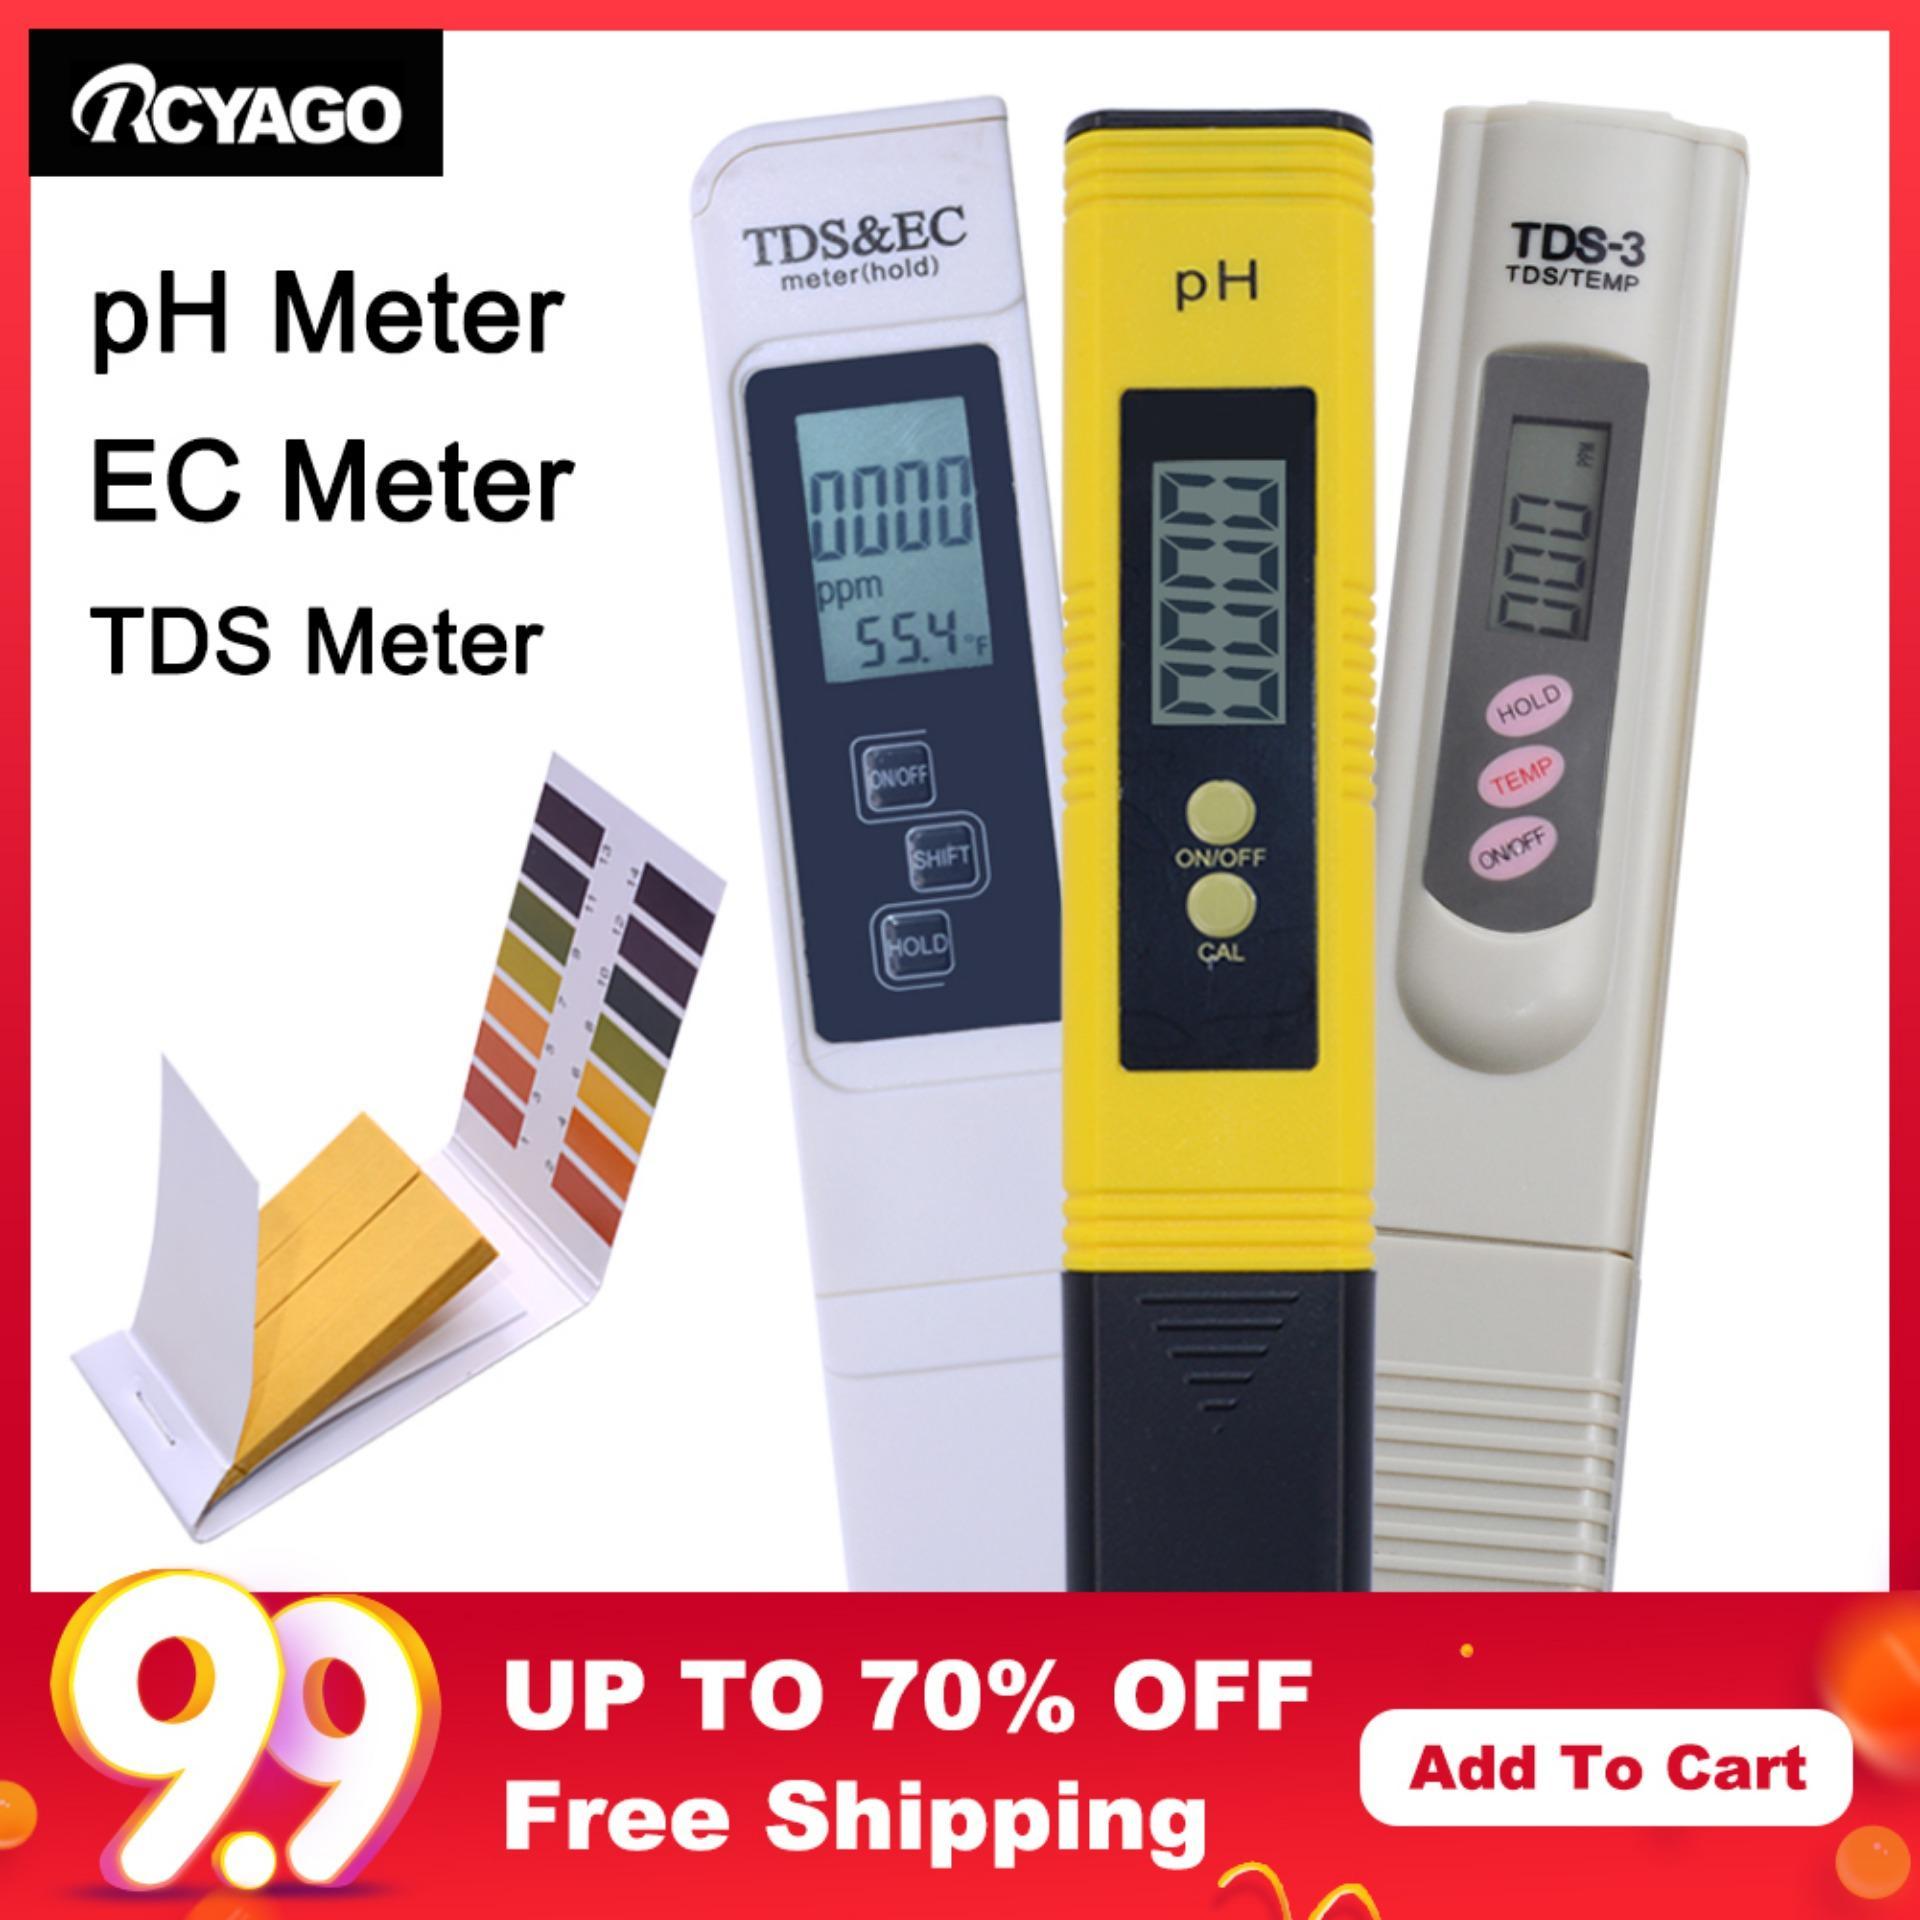 RCYAGO 1pcs pH meter+1pcs TDS&TEMP Meter+1pcs TDS&EC Meter Water Quality Tester Pen